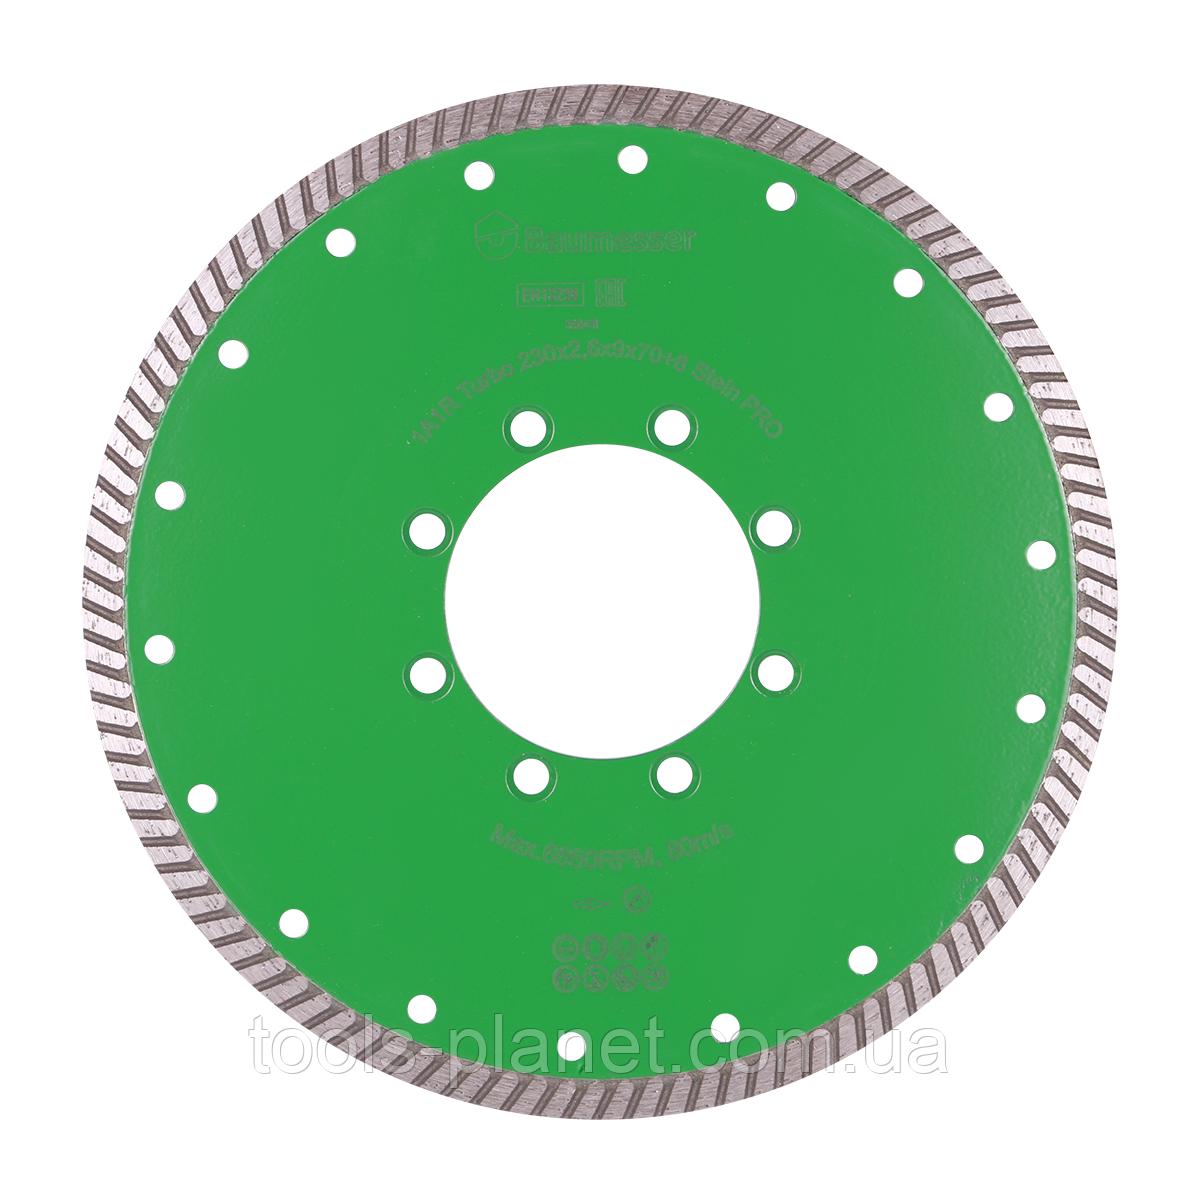 Алмазный диск Baumesser 1A1R Turbo 230 x 2,6 x 9 x 70  Stein PRO (90238082017)